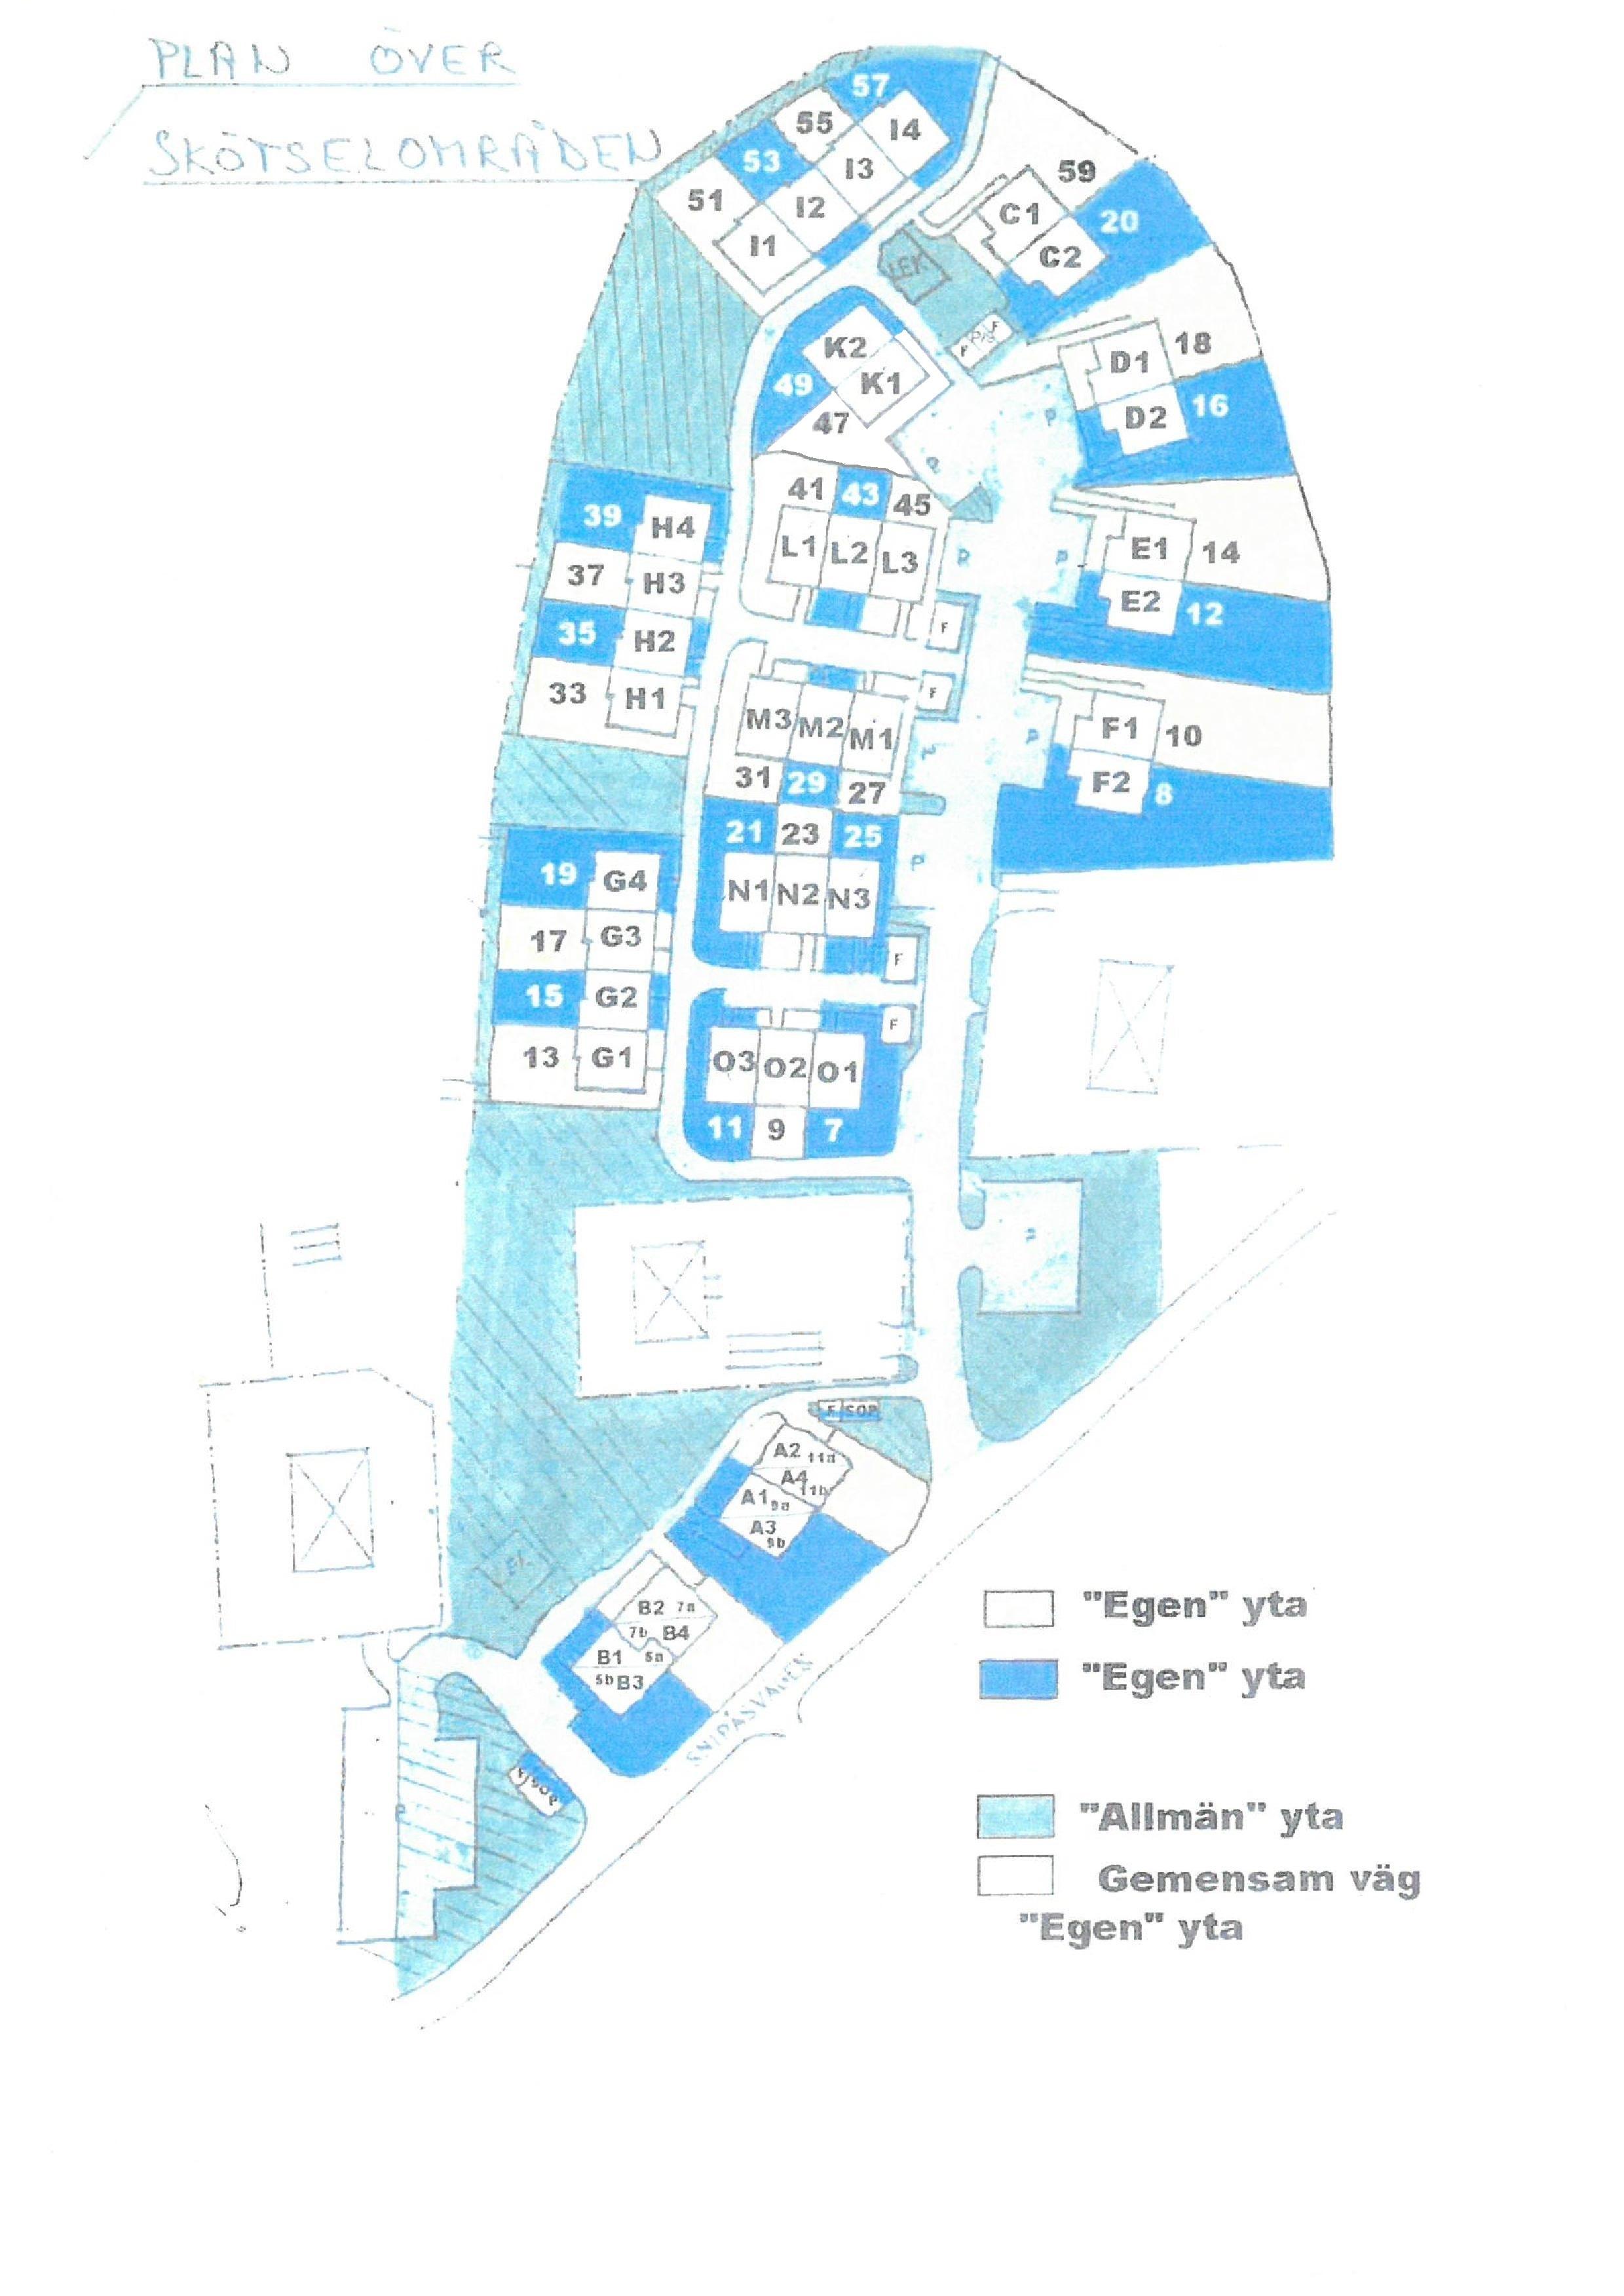 Karta Pa Skotselomraden Brf Stenhagen I Tollered